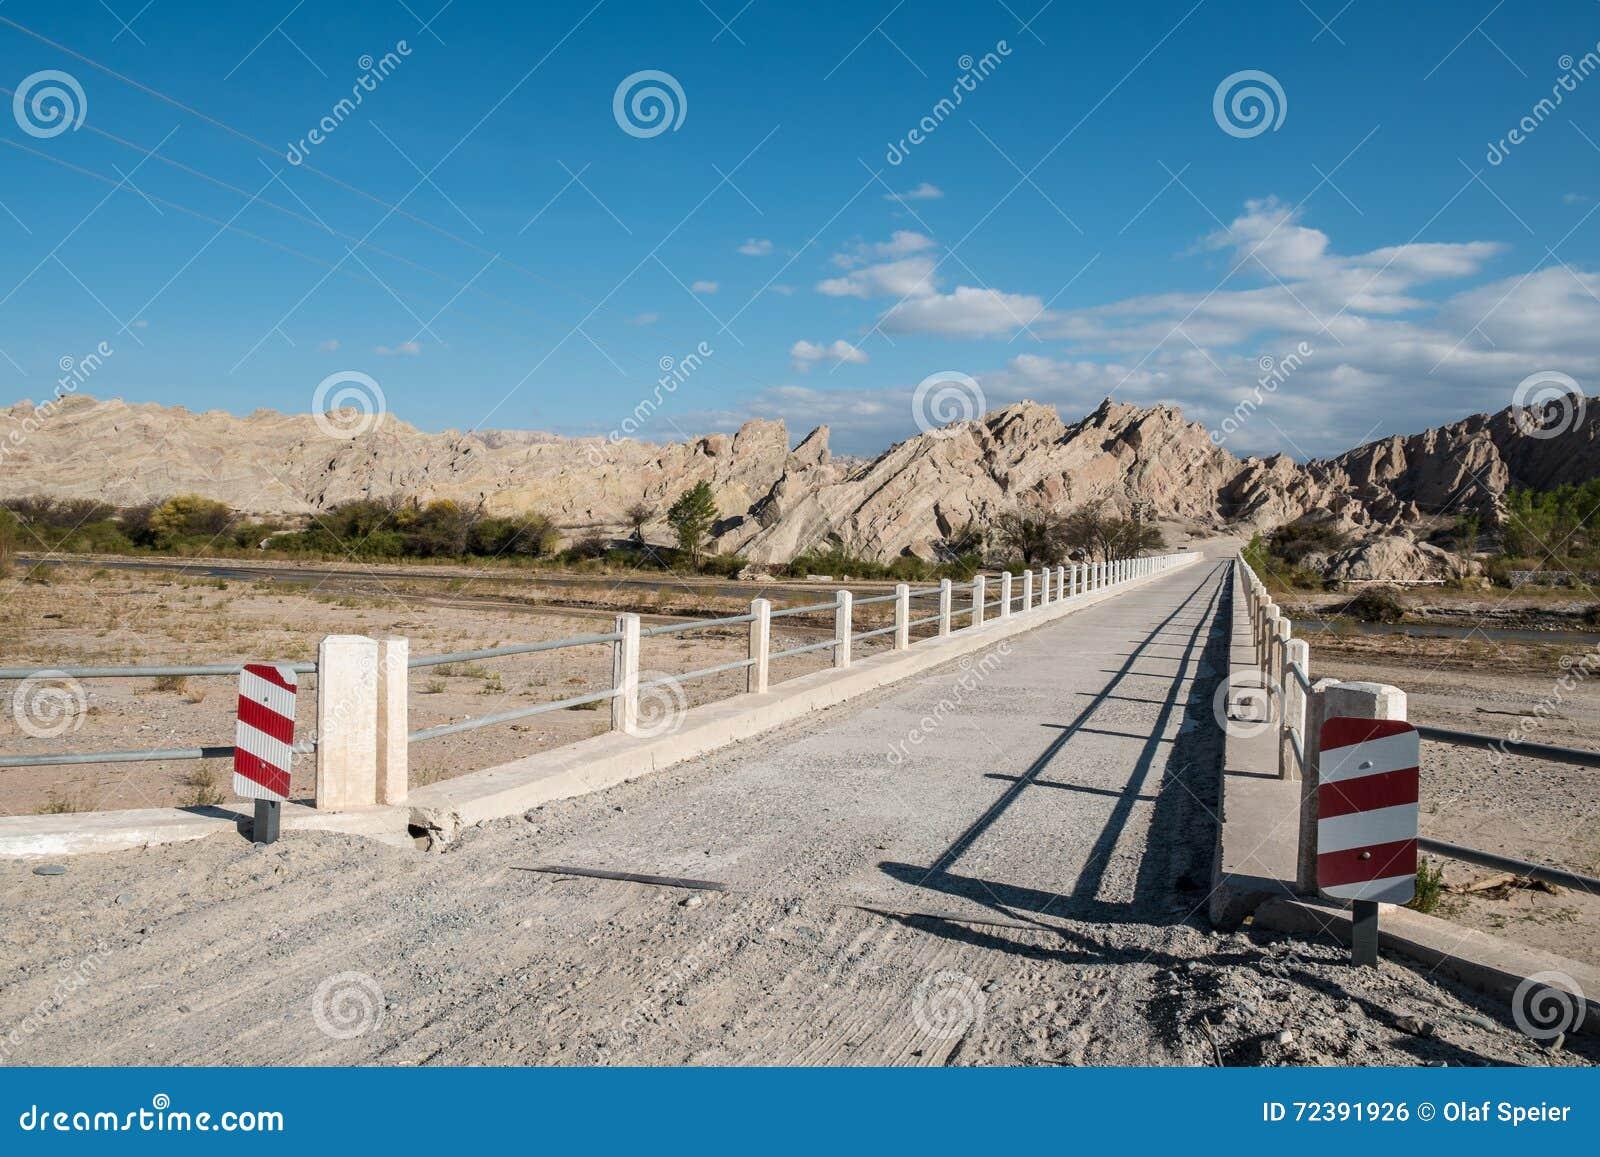 Camino de tierra andino